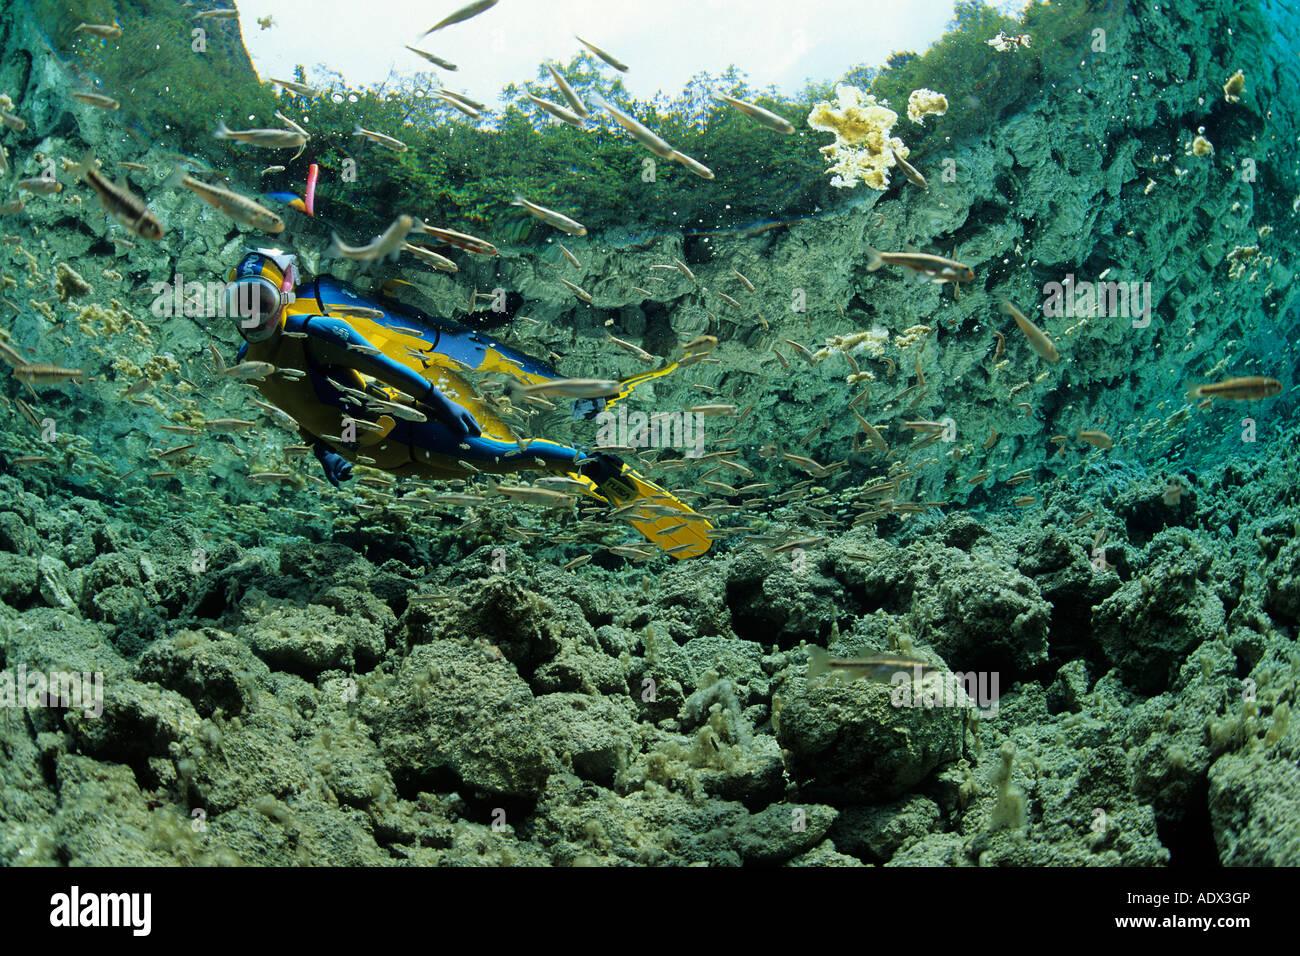 Sommozzatore osservare il novellame di pesci del lago di Cornino Friuli Italia Immagini Stock